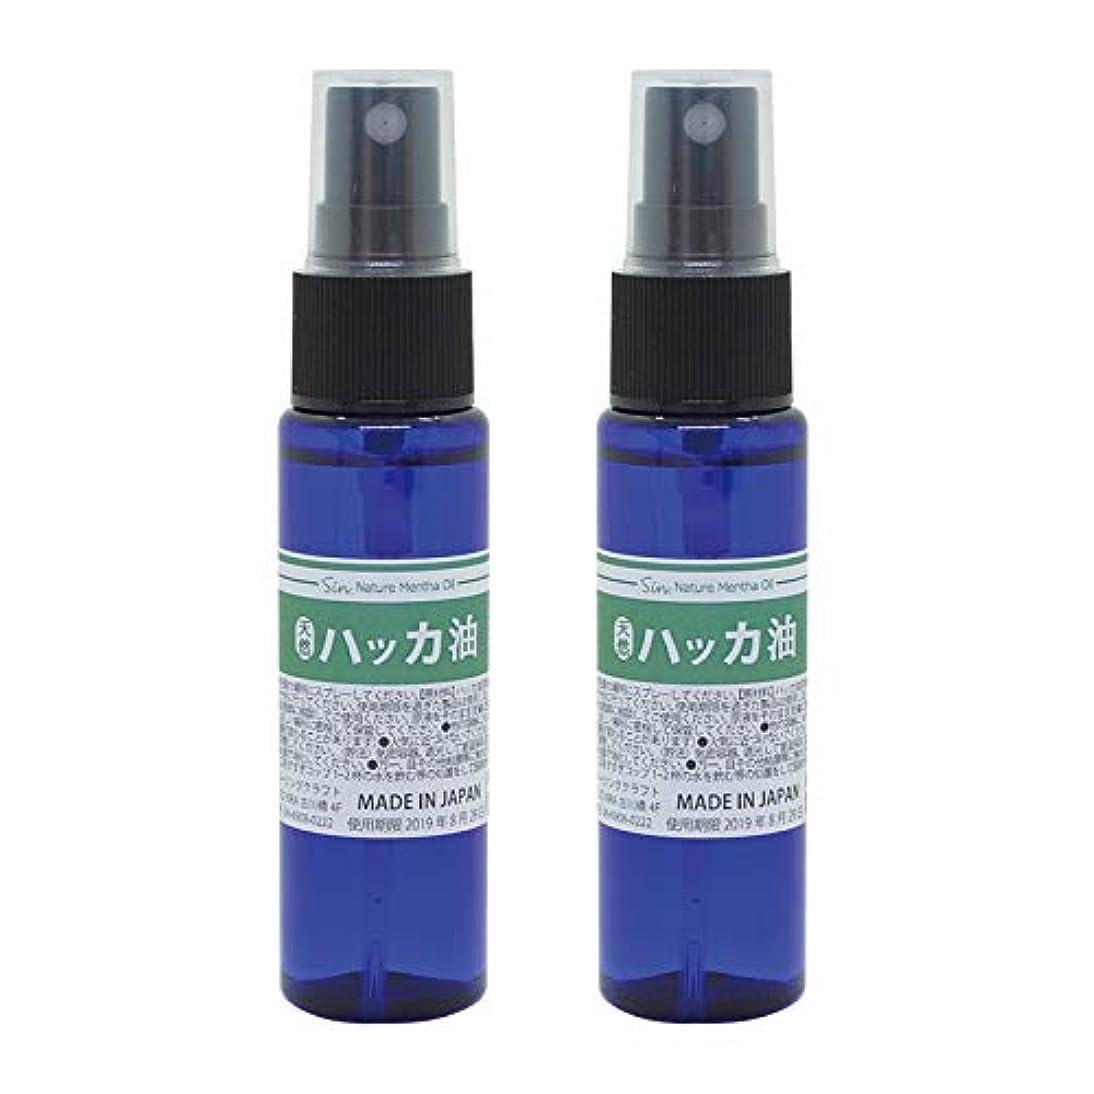 泥沼今後満足日本製 天然ハッカ油(ハッカオイル) スプレー 30mL×2本